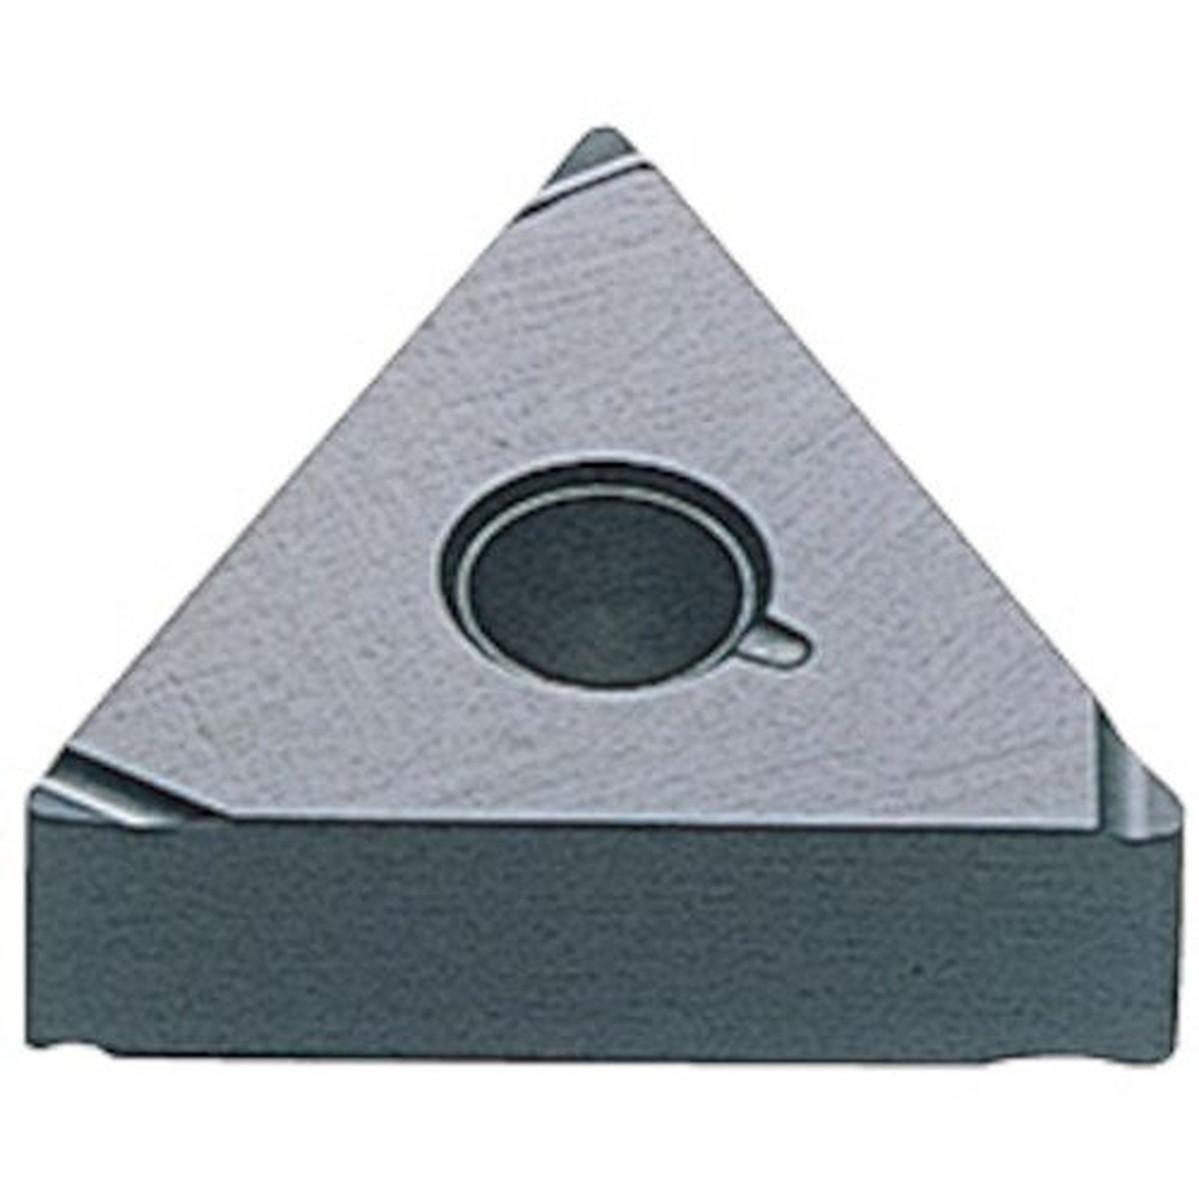 あす楽対応 海外輸入 DIY用品 三菱 メーカー在庫限り品 NX2525 P級サーメット旋削チップ 10個